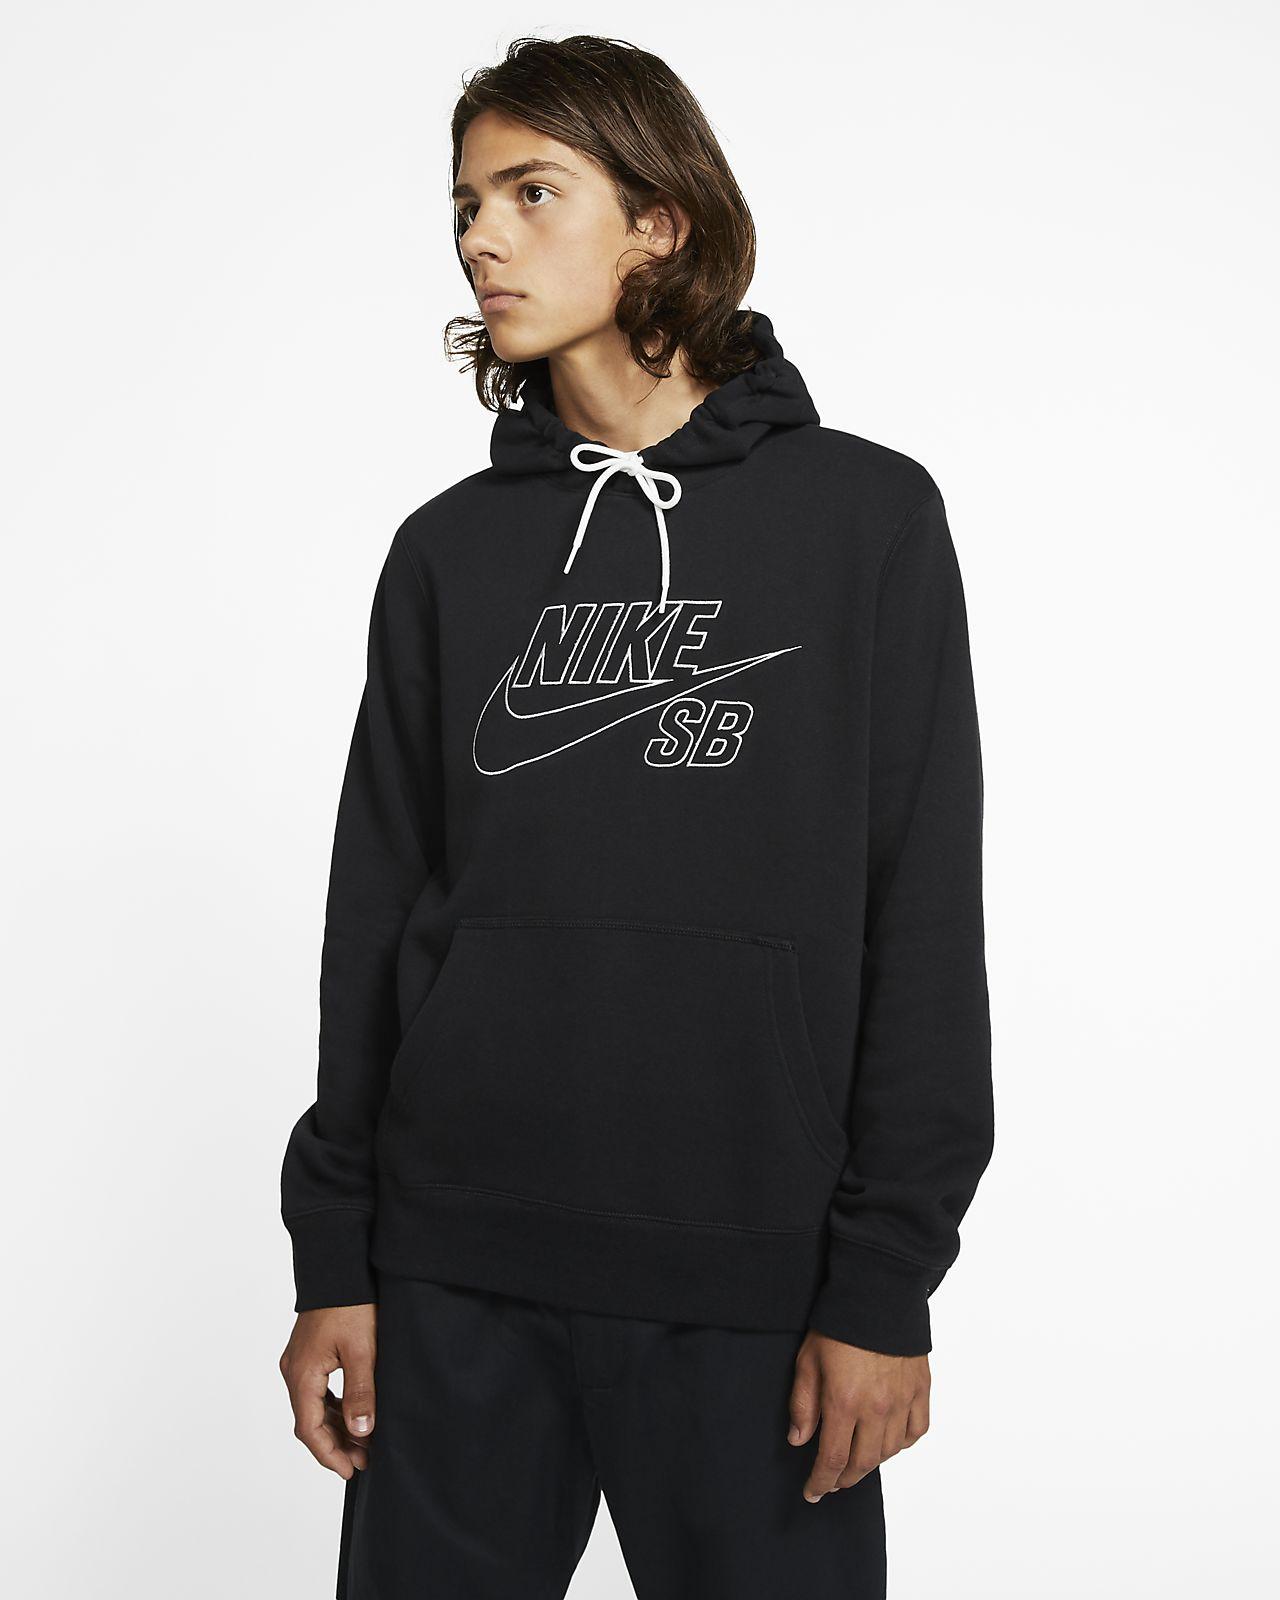 Nike SB Men's Pullover Skate Hoodie